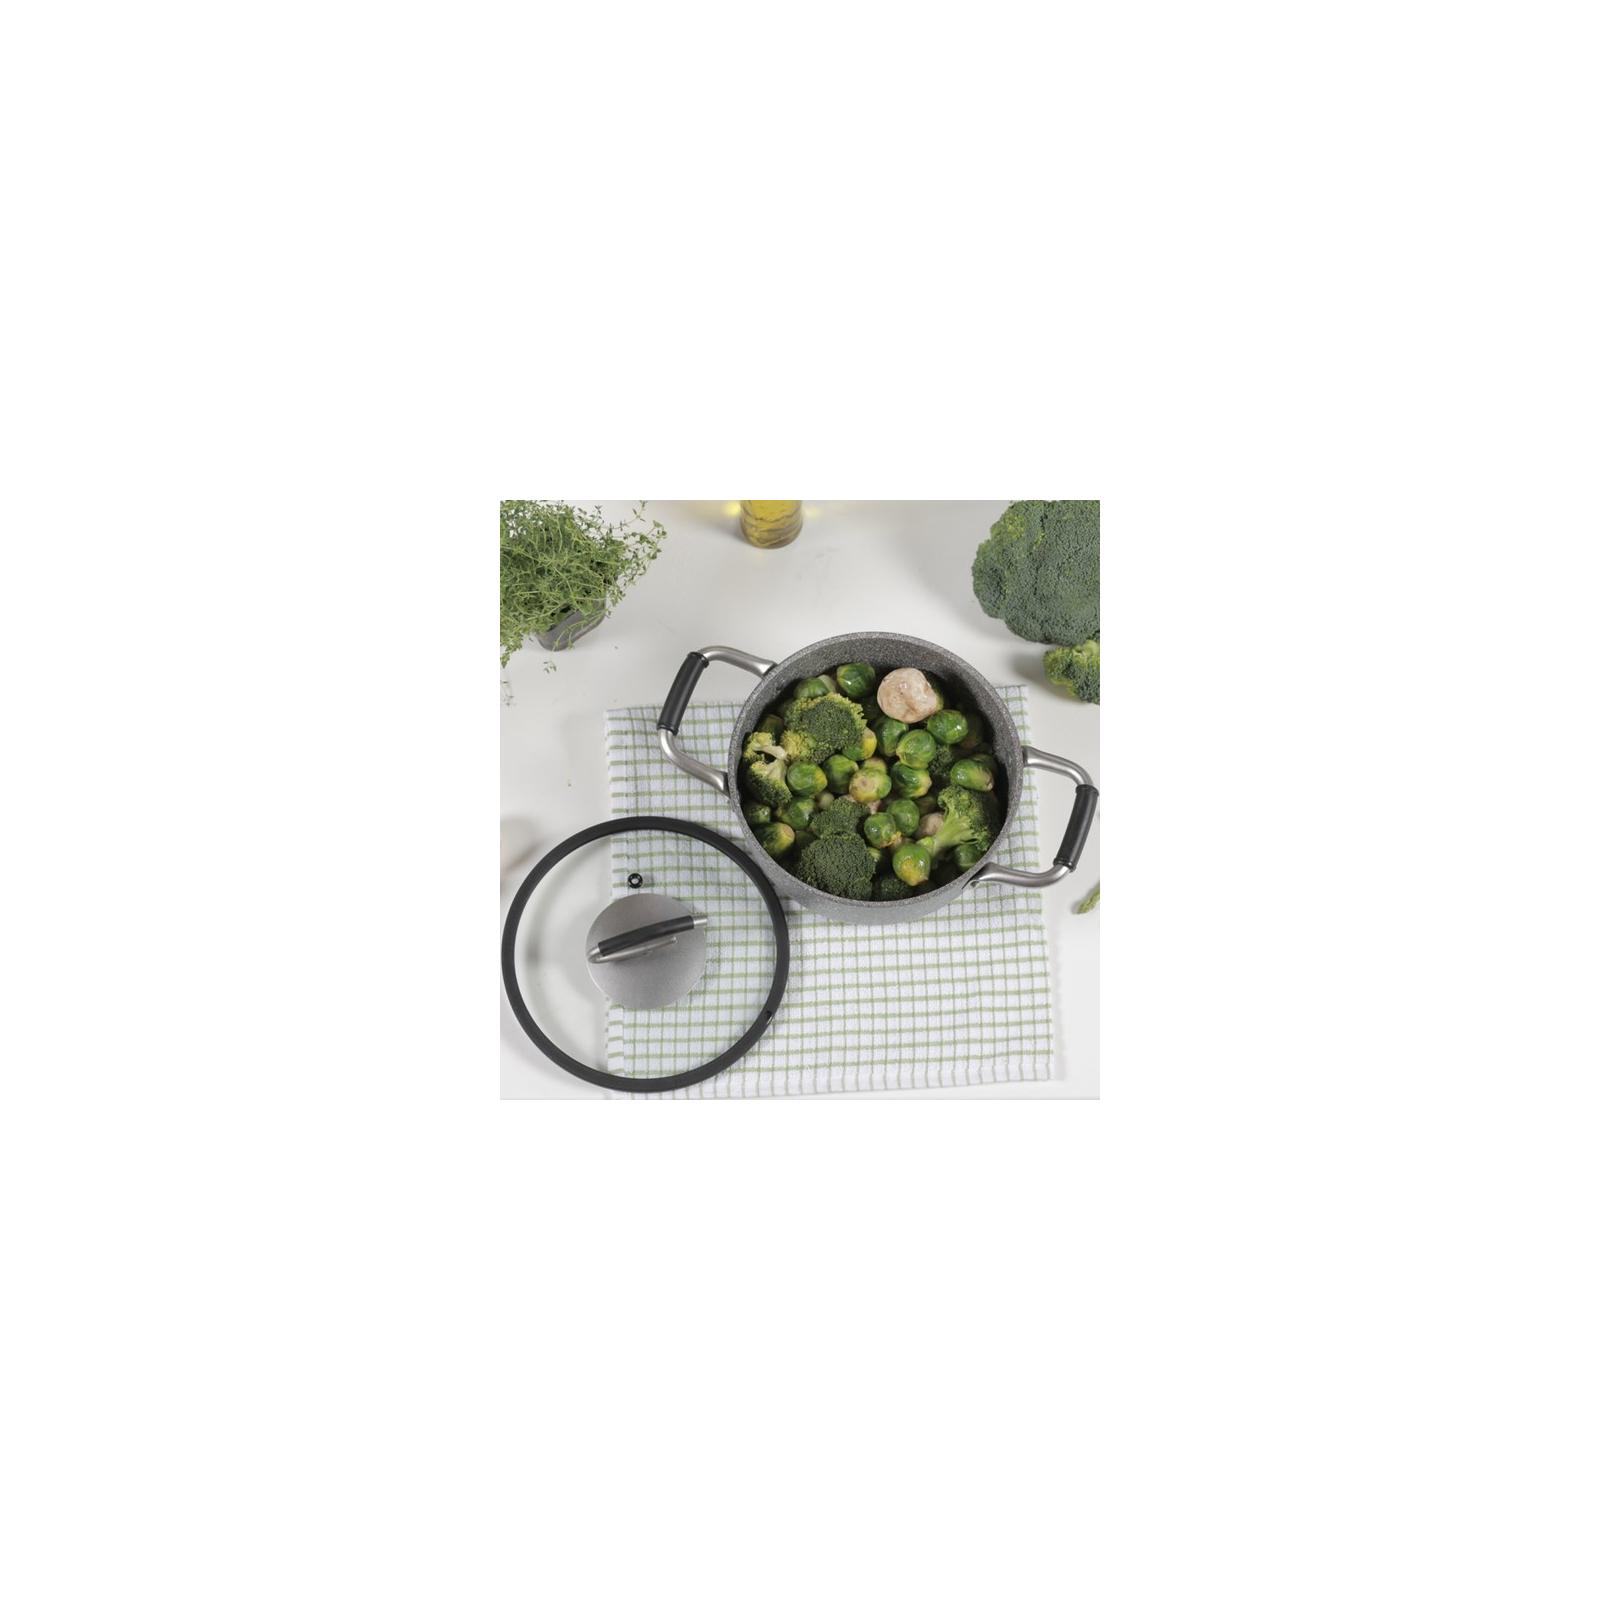 Крышка для посуды TVS Gran Gurmet 24 см (9465124003G702) изображение 2